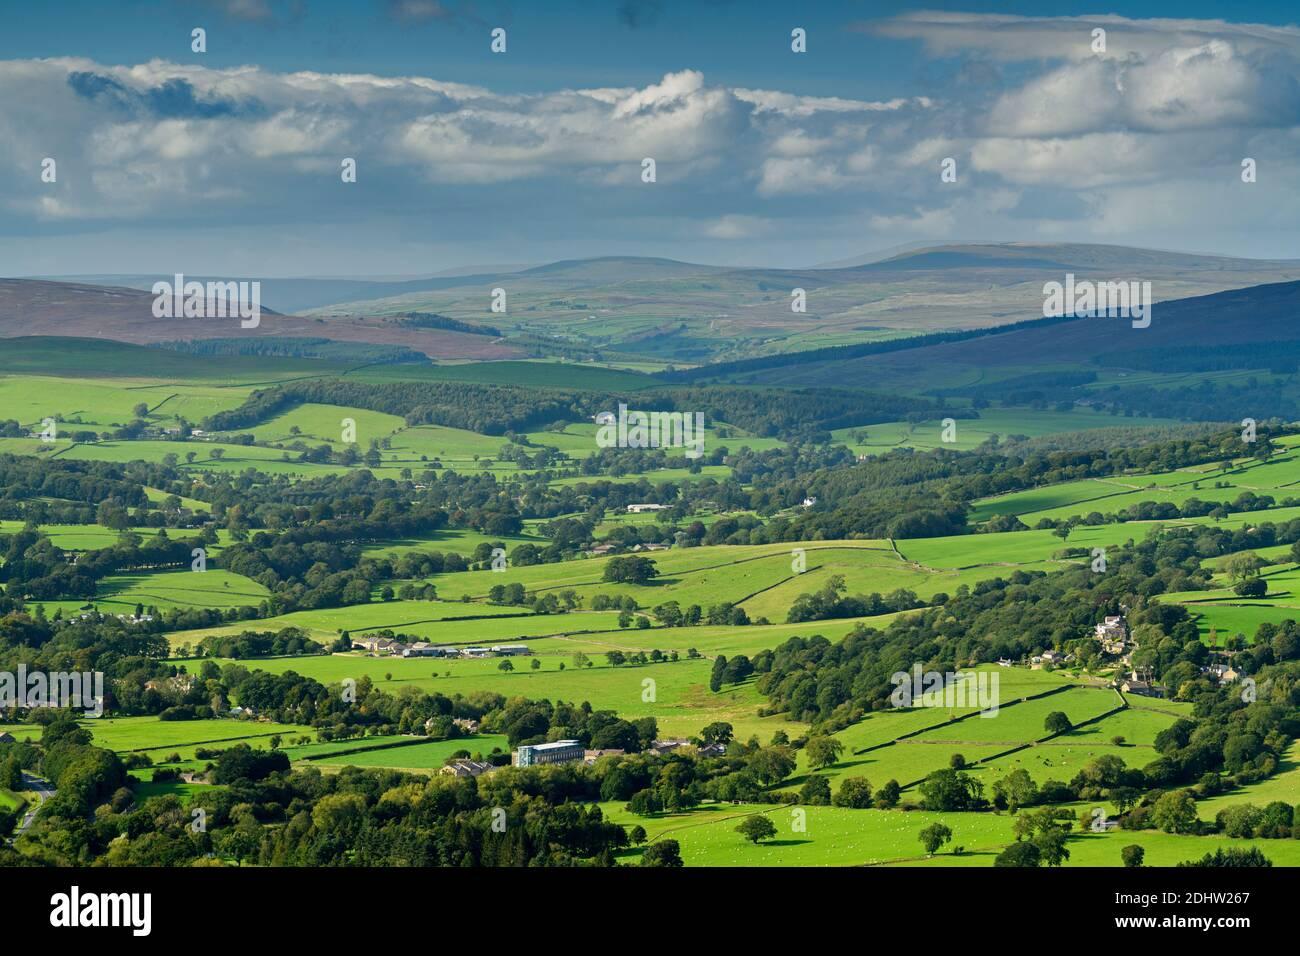 Vista escénica del campo de Wharfedale (amplio valle verde, colinas onduladas, altos fells, luz solar en tierra, cielo azul) - West Yorkshire, Inglaterra, Reino Unido. Foto de stock